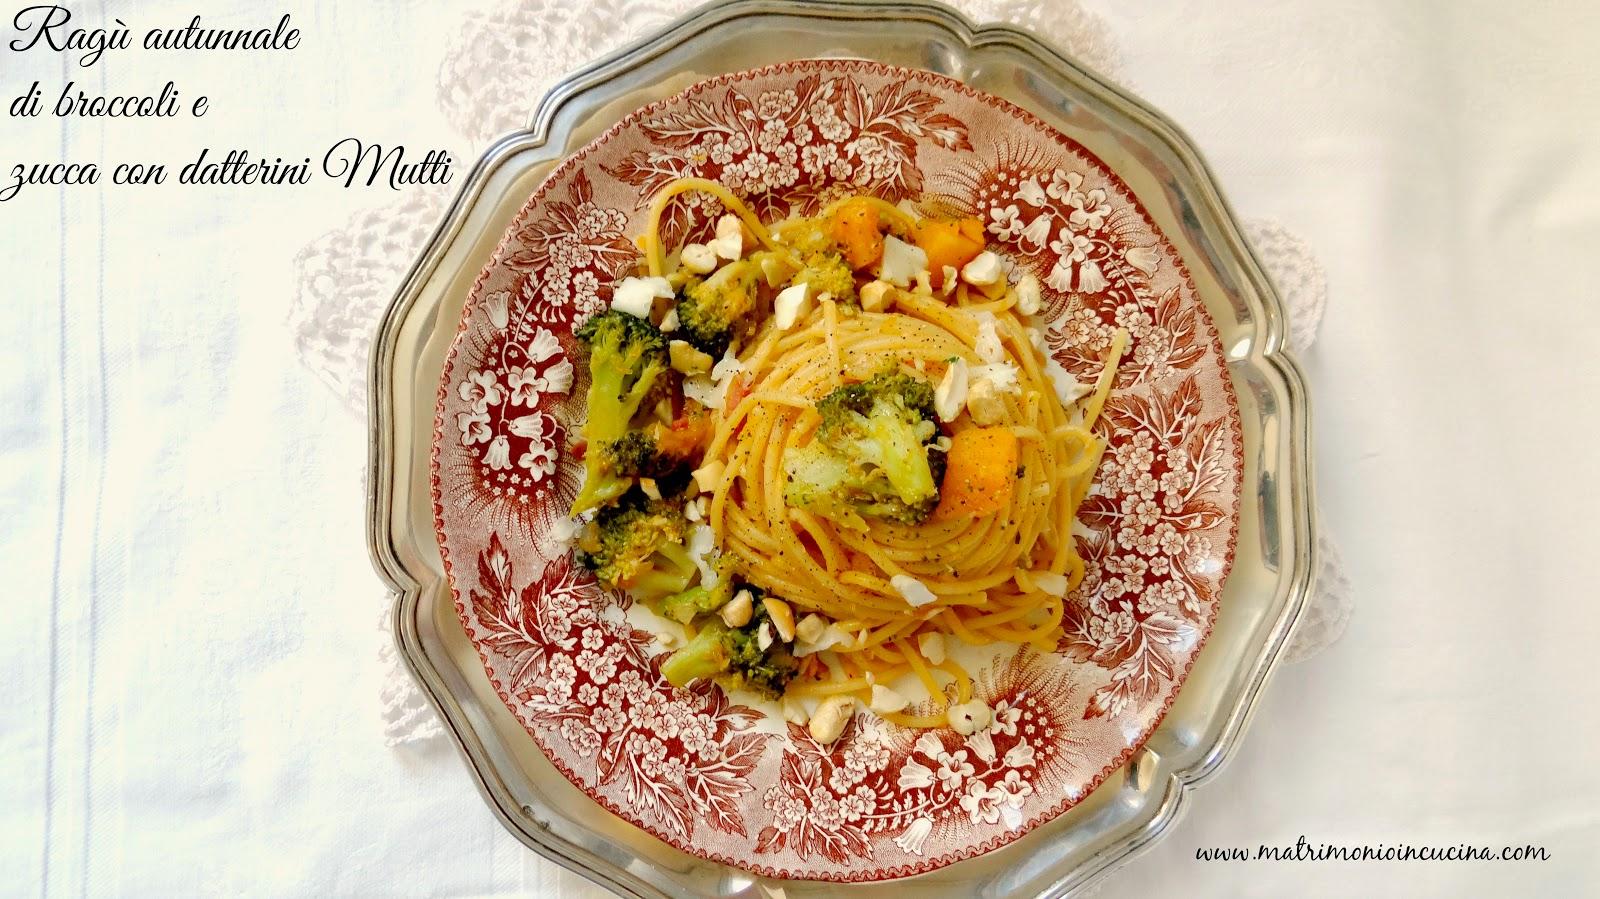 Mutti, ragu', autunno, zucca, broccoli, speck, anacardi, datterini, Asiago